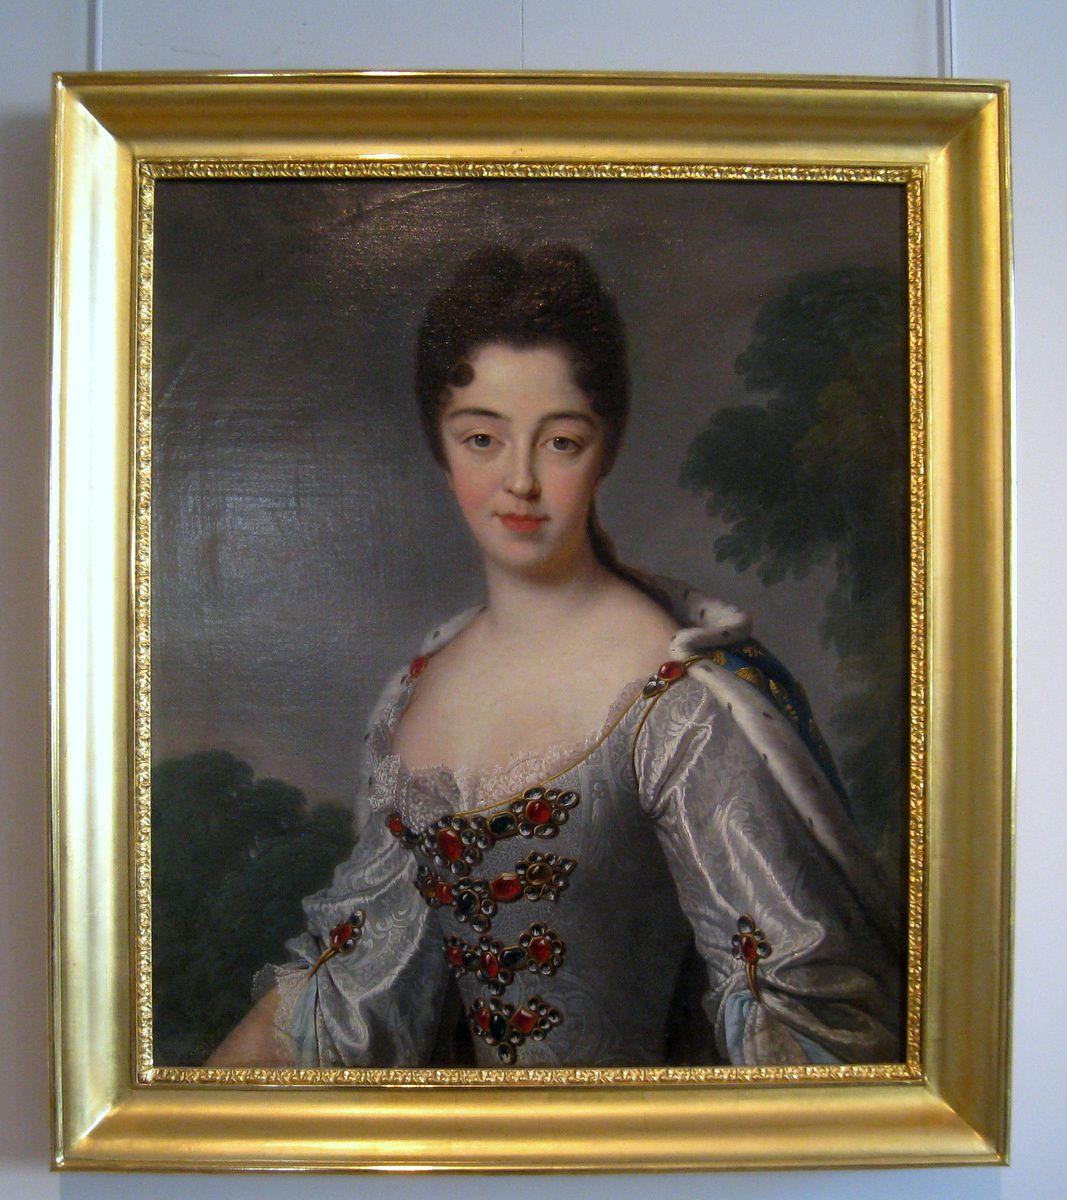 Marie-Adélaïde de Savoie (portrait) d'après Jean-Baptiste Santerre